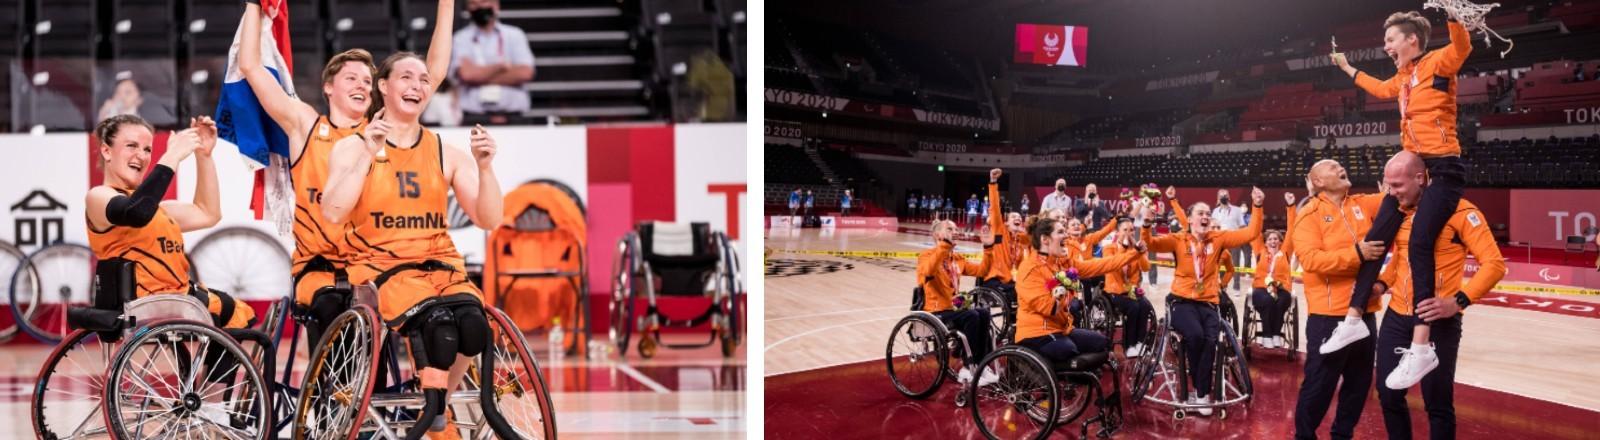 Die niederländische Rollstuhlbasketballmannschaft der Frauen holt bei den Paralympischen Spielen in Tokio Gold.